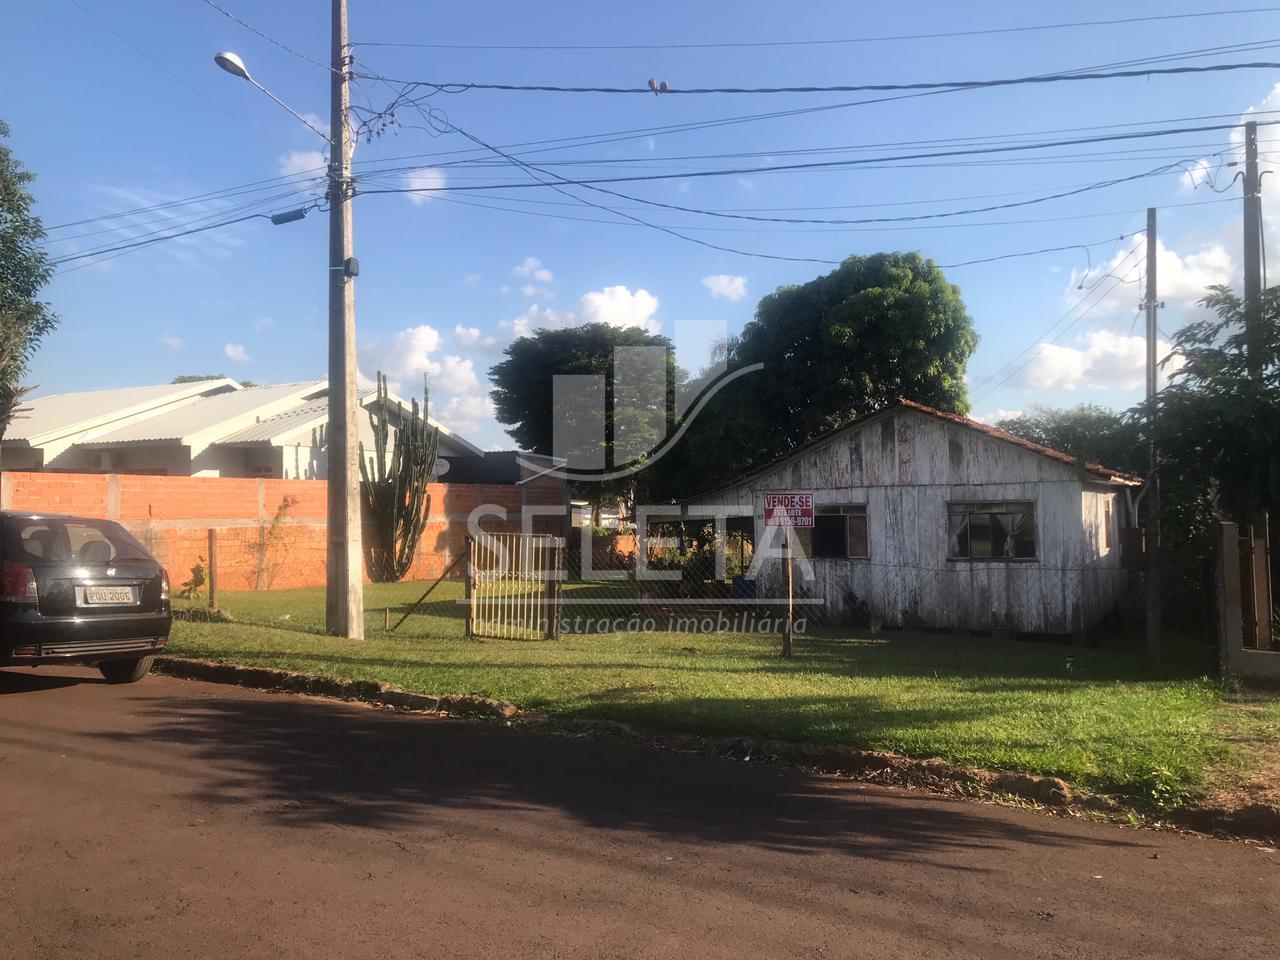 Terreno à venda, CENTRO, CORBELIA - PR